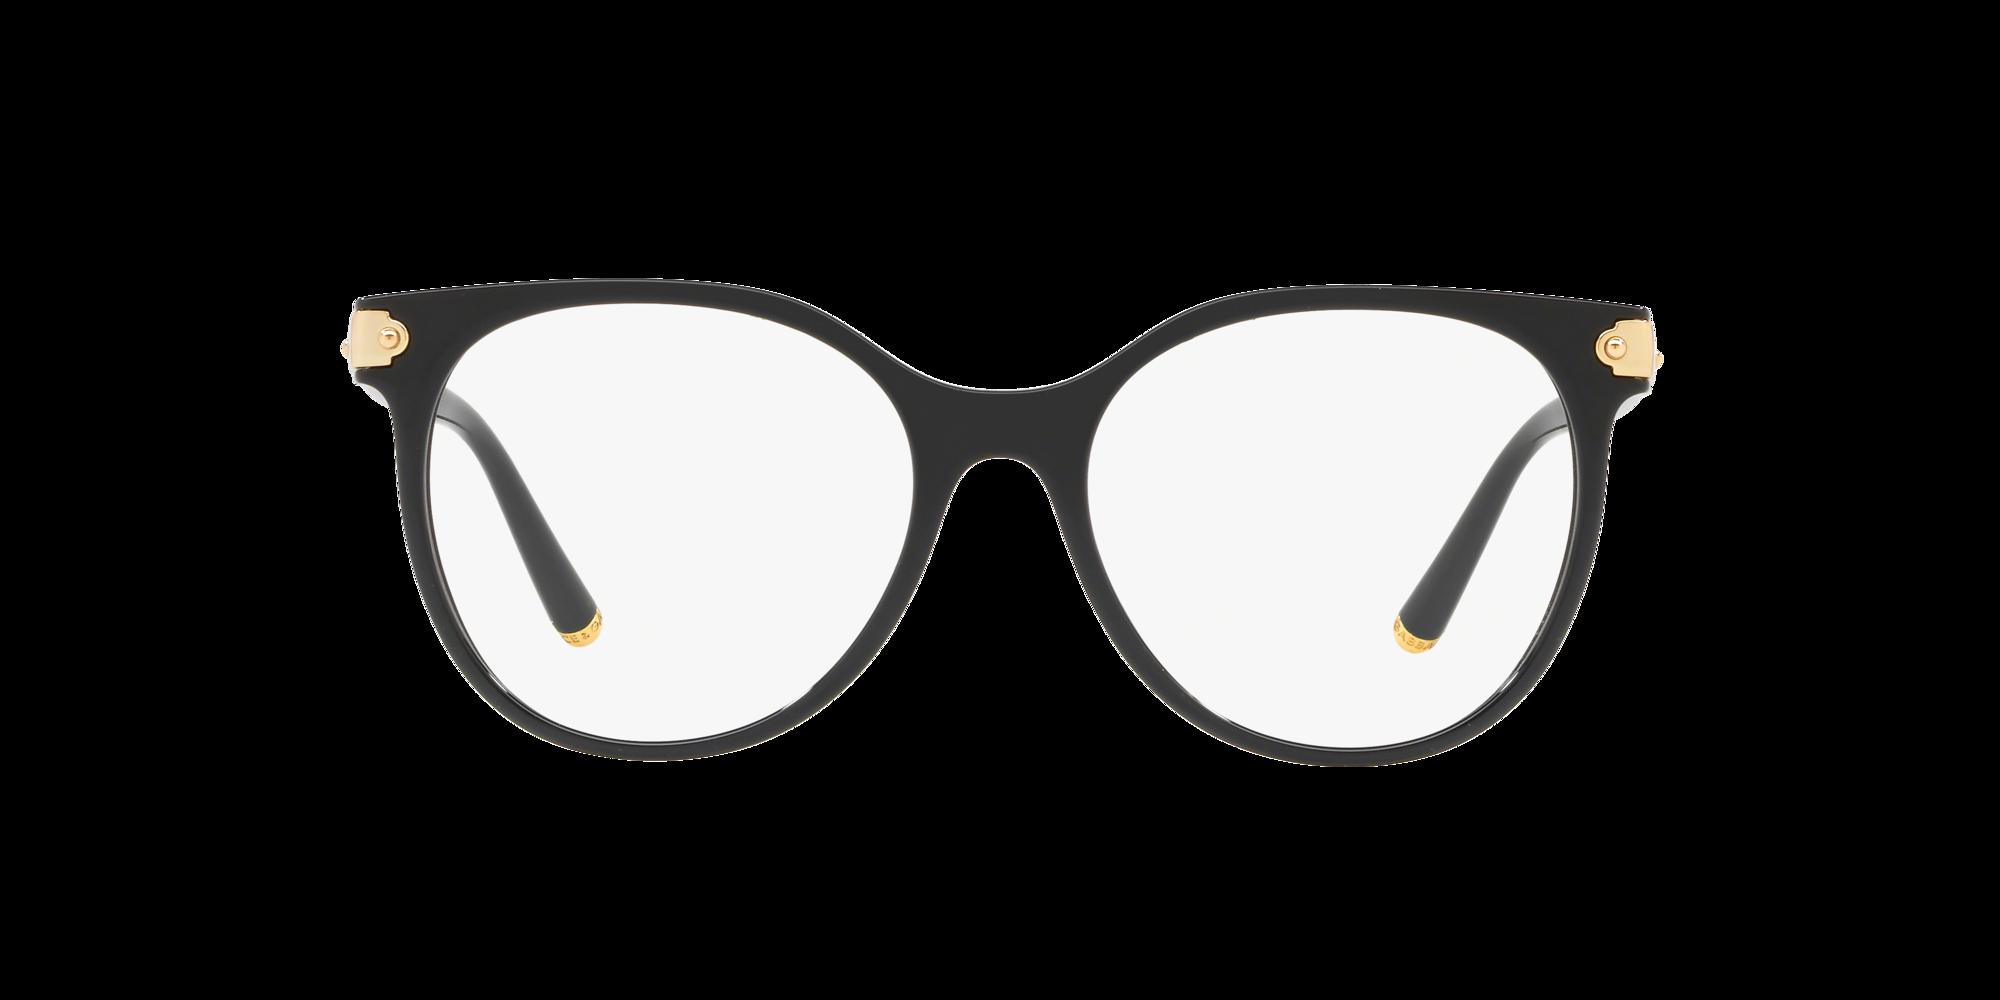 Imagen para DG5032 de LensCrafters |  Espejuelos, espejuelos graduados en línea, gafas